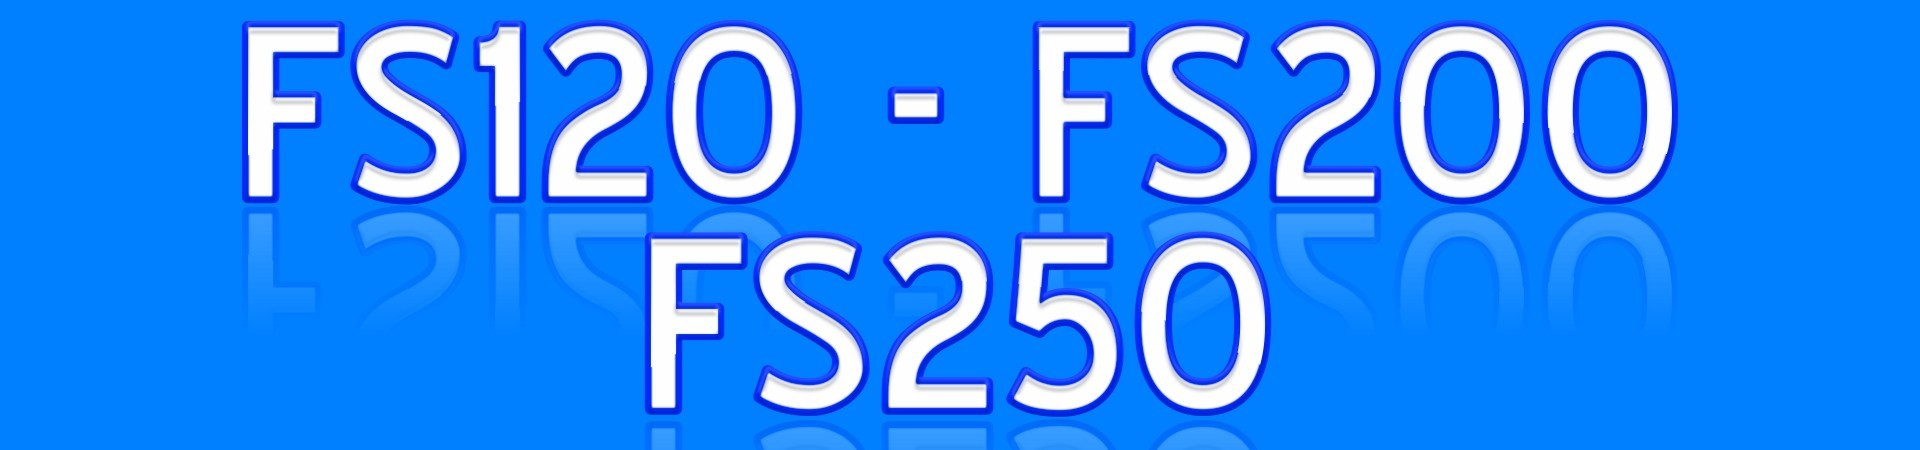 FS120 FS200 FS250